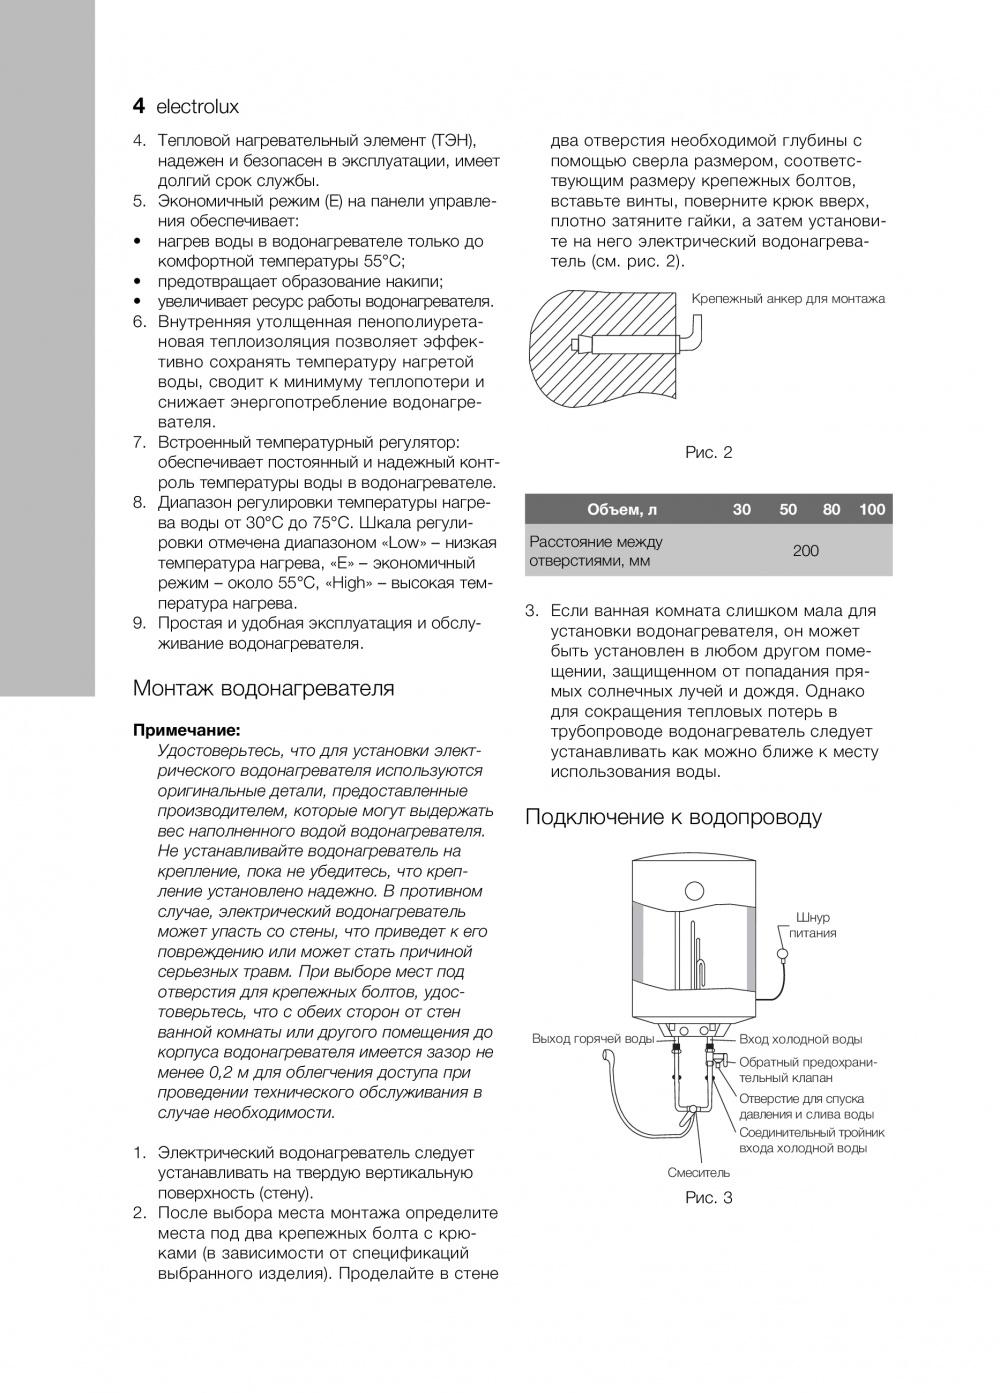 Особенности водонагревателей Электролюкс